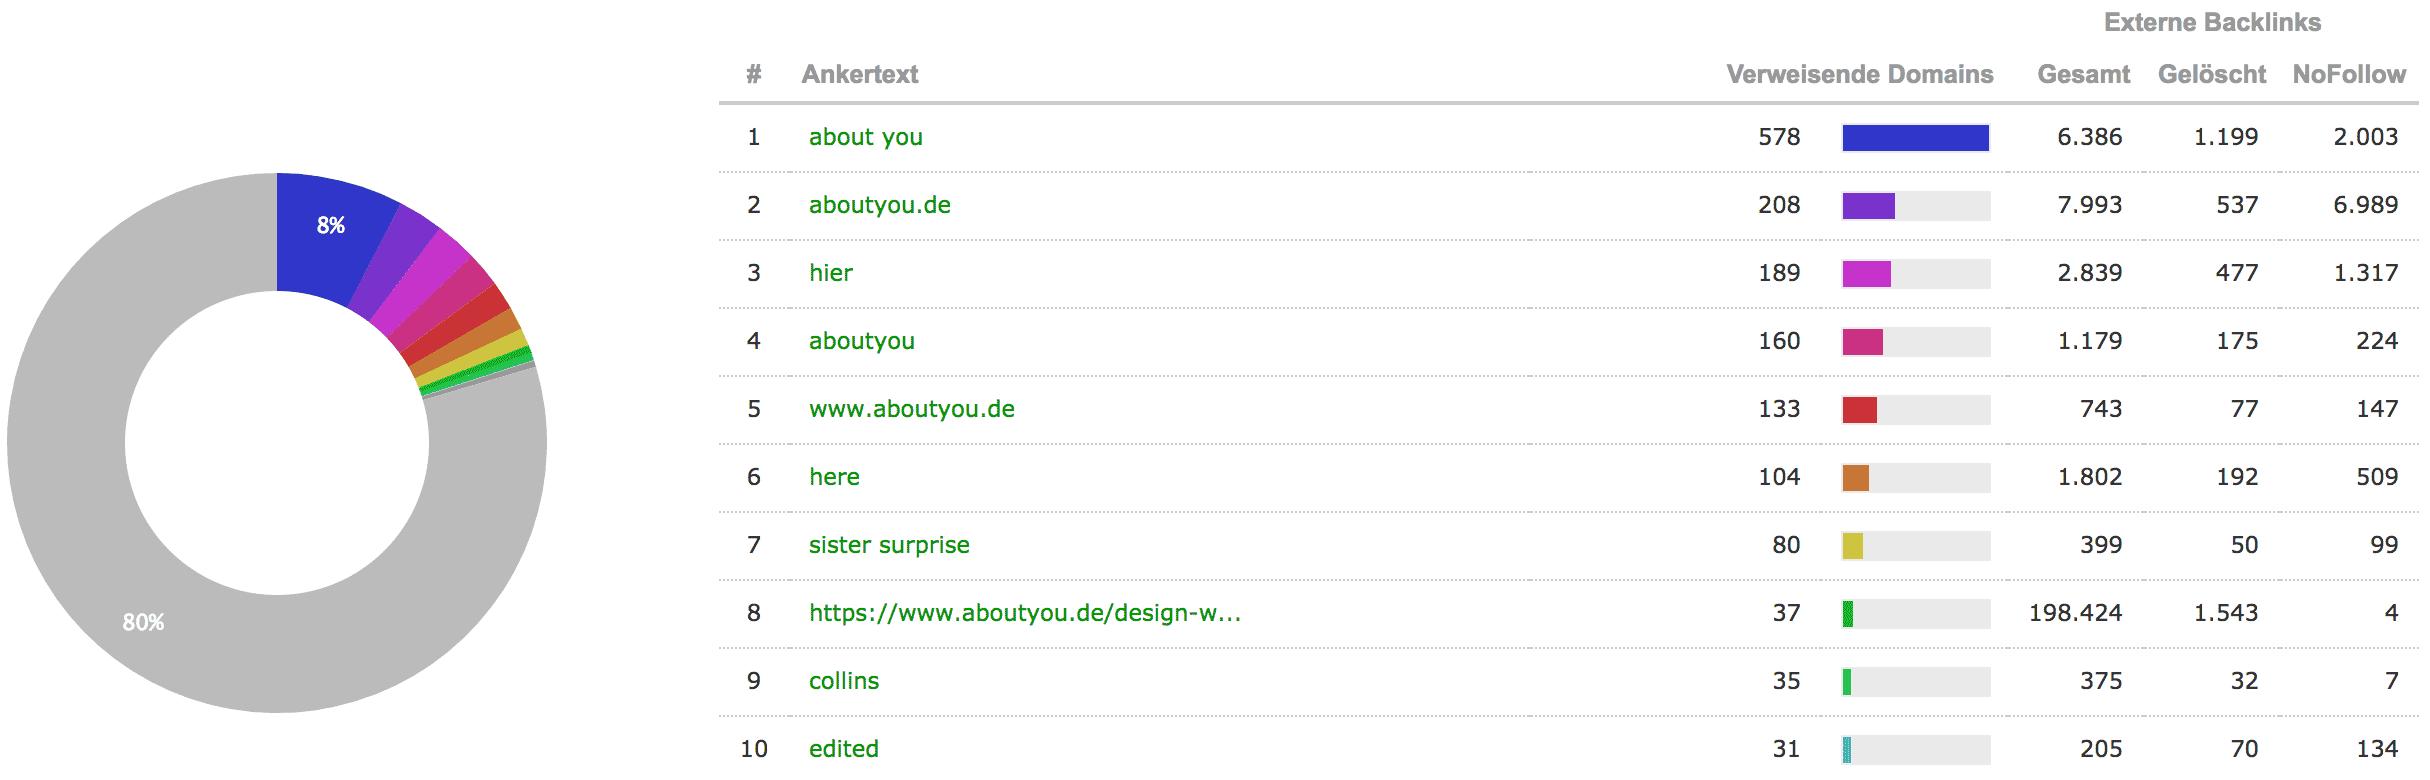 Beispiel: Ankertexte/ Linktexte der Backlinks // Majestic